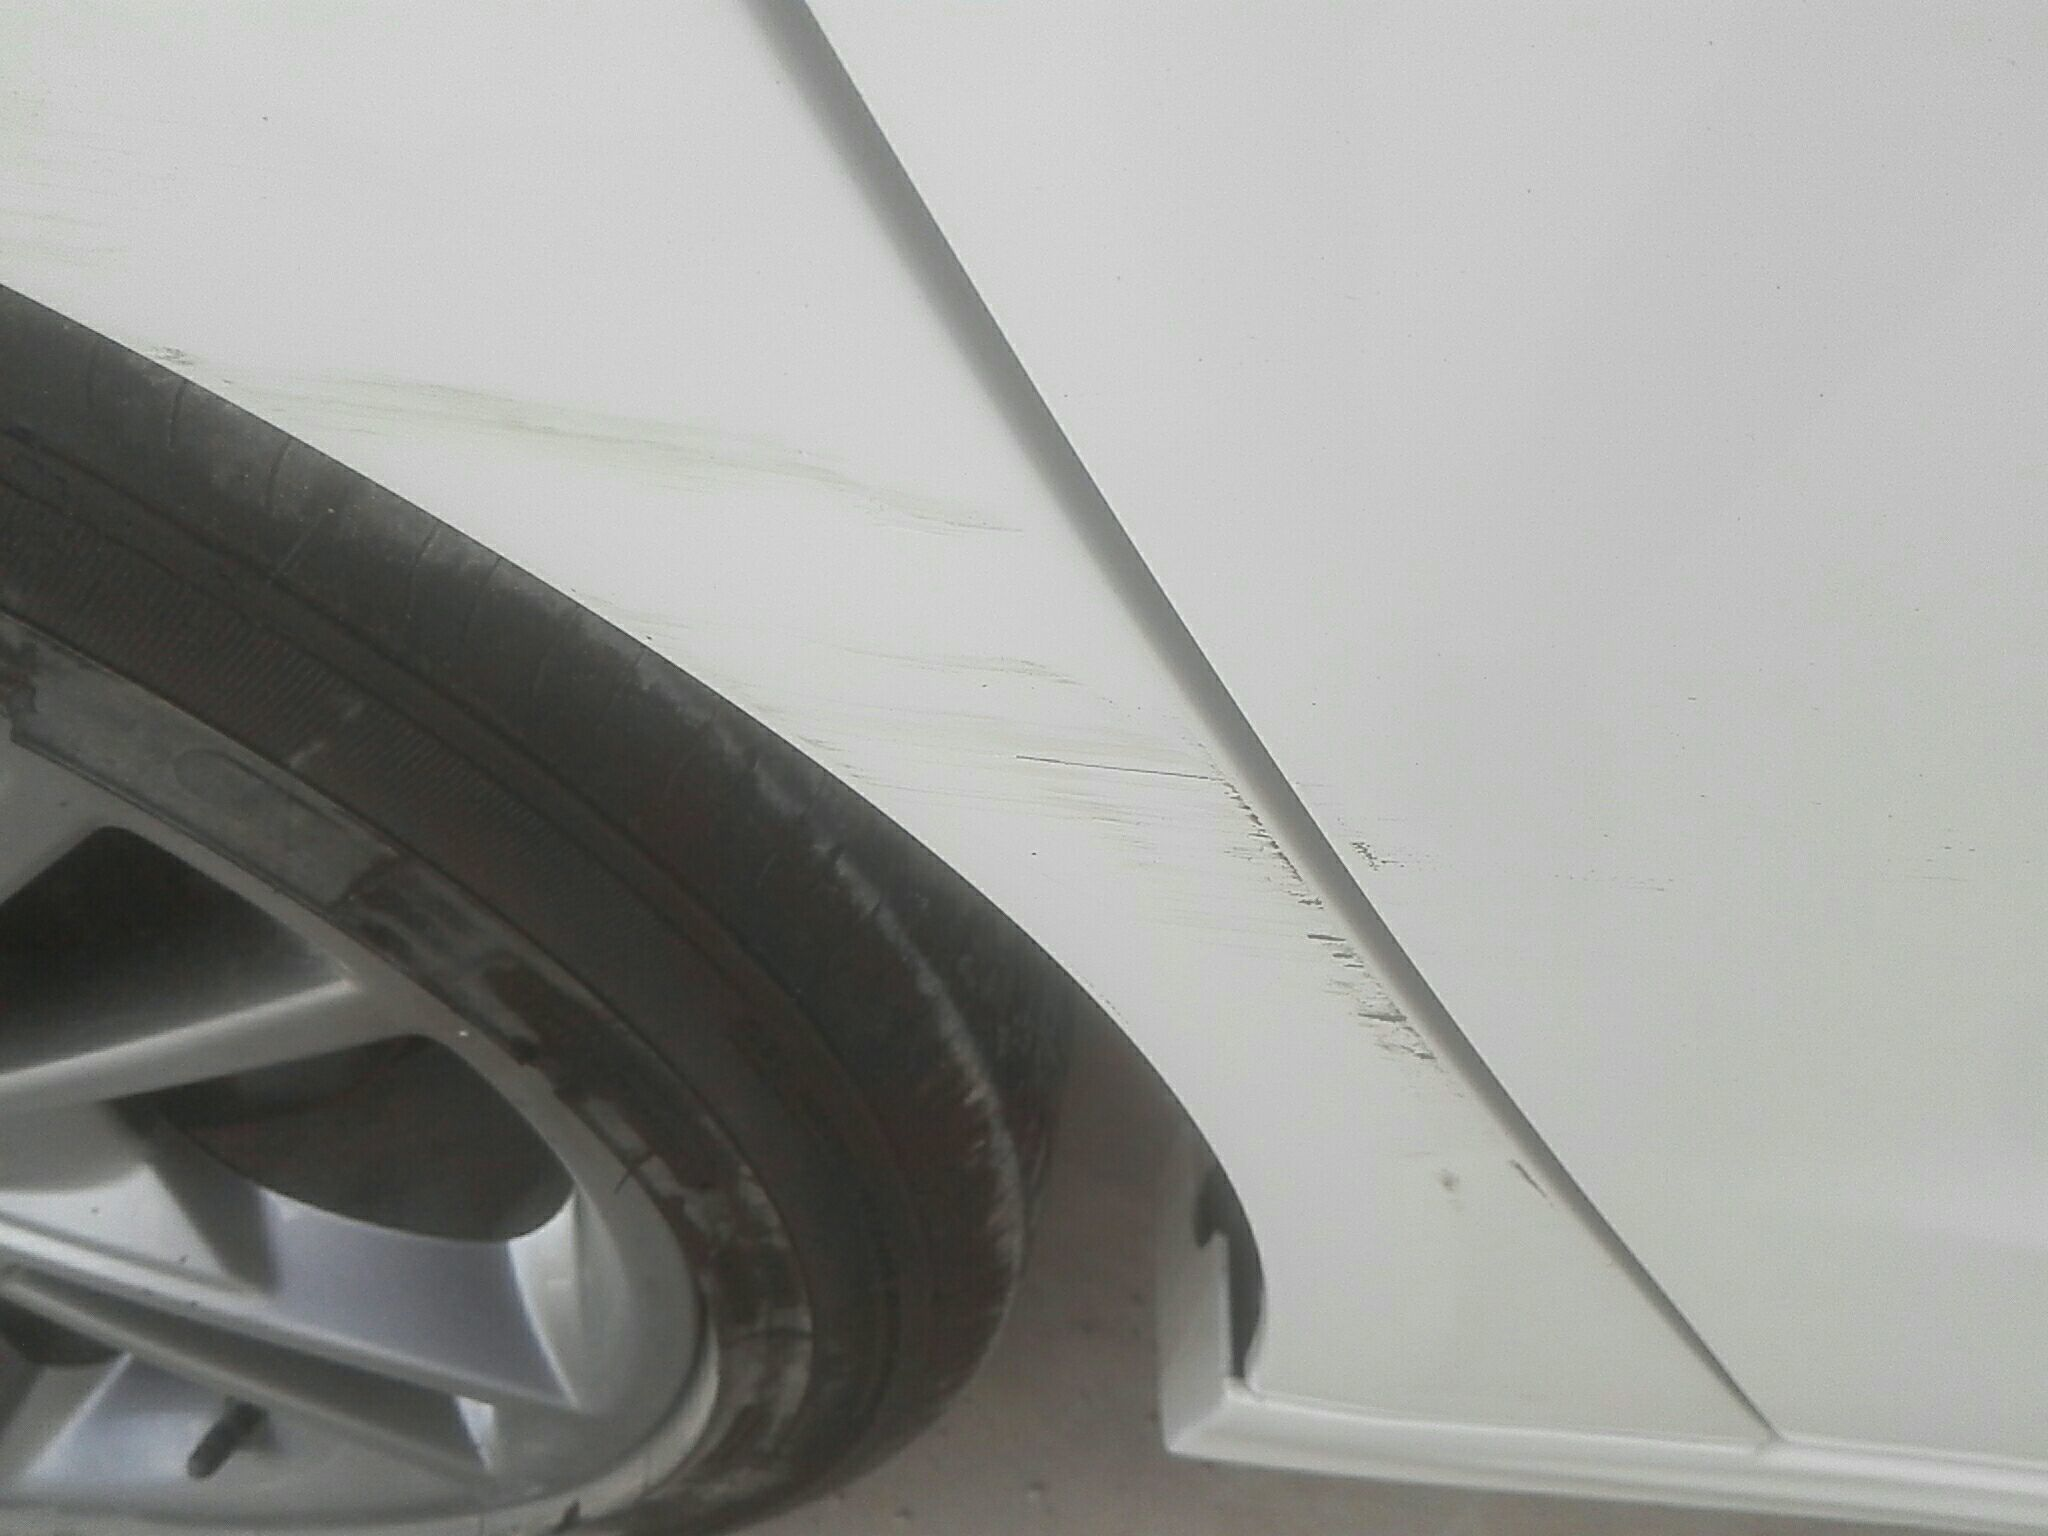 福特蒙迪欧 2013款 2.0l gtdi240豪华运动型